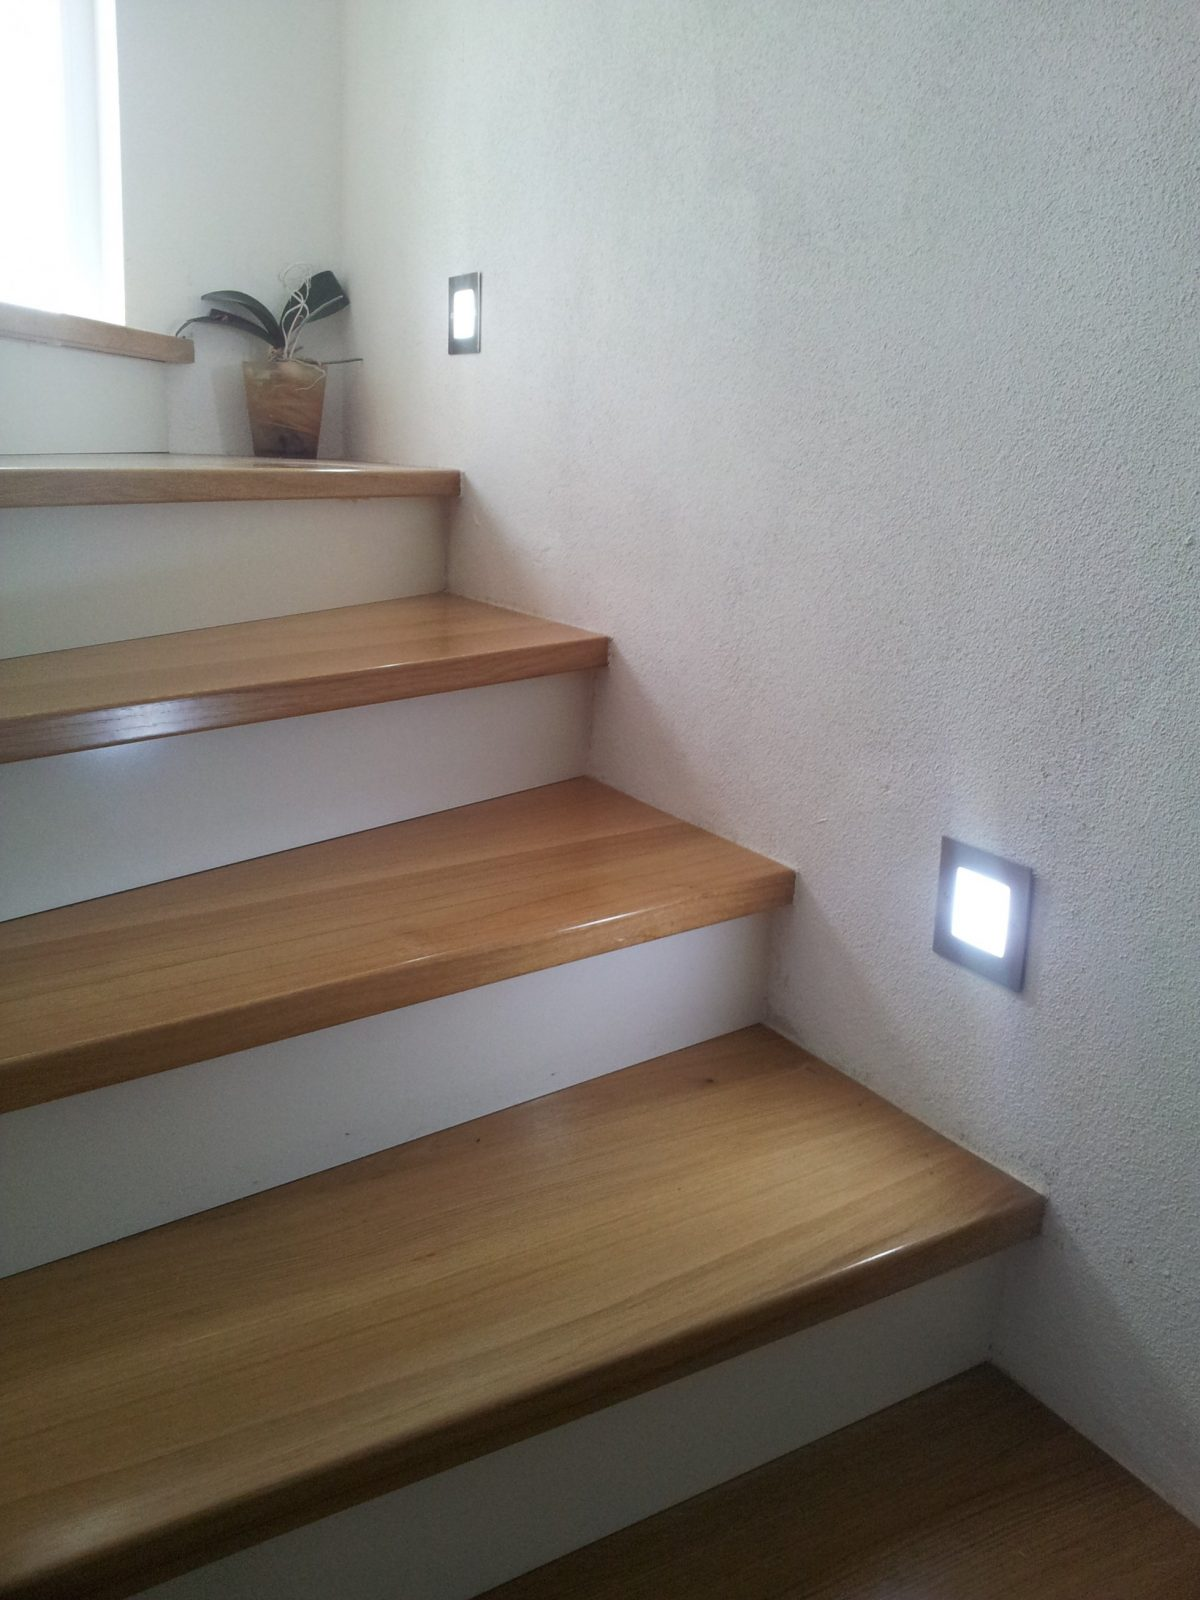 Led Treppenbeleuchtung  Led Flurbeleuchtung  Led Orientierungslicht von Led Treppenlicht Mit Bewegungsmelder Photo